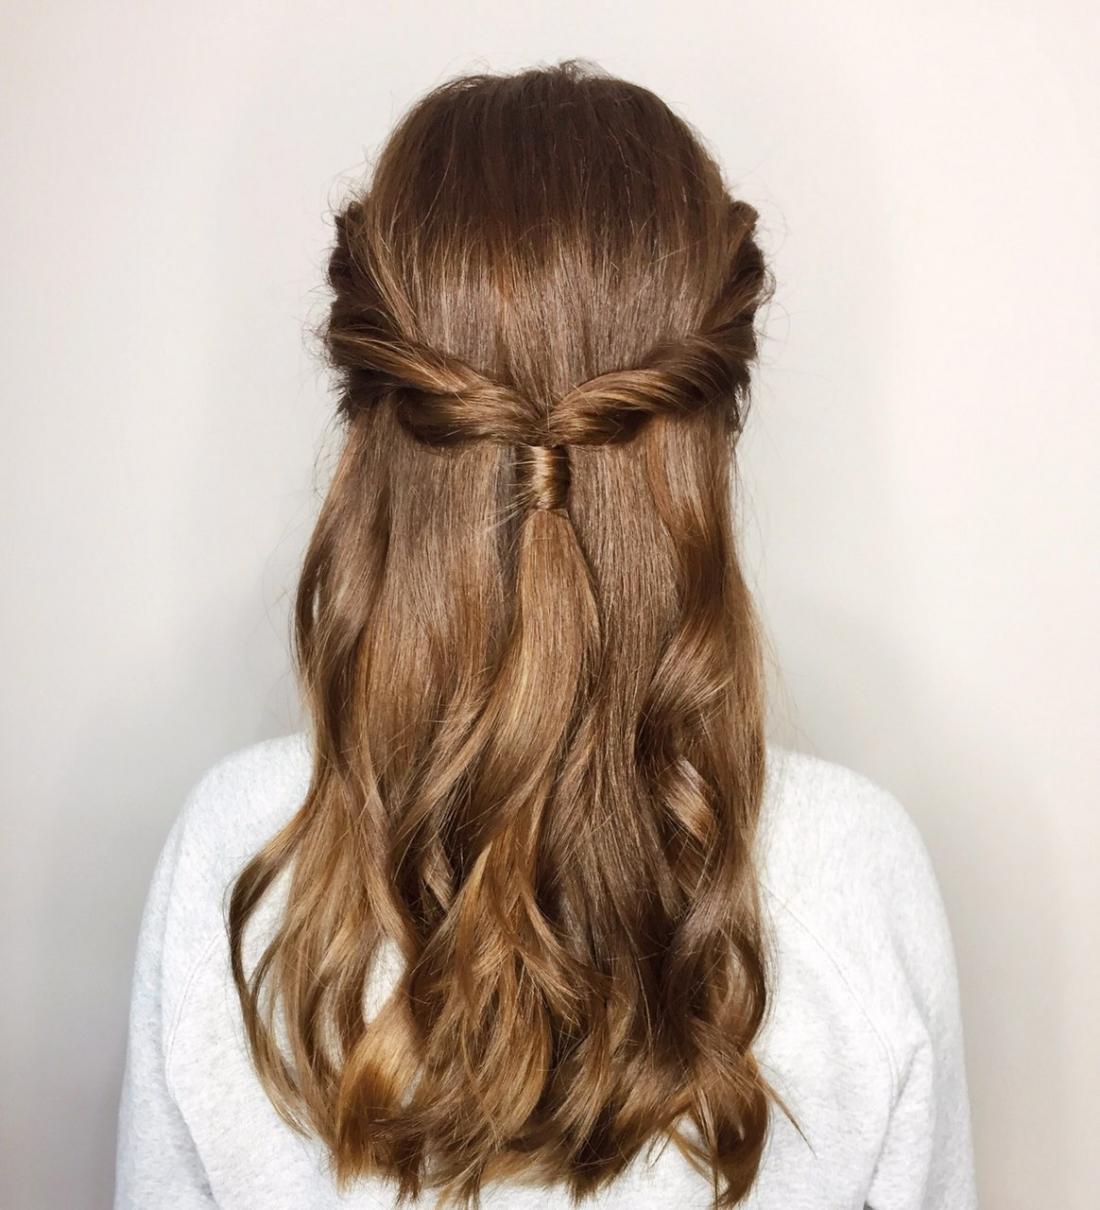 """Плетение волос, локоны, пучок от 20 руб. в салоне """"Salon 104"""""""